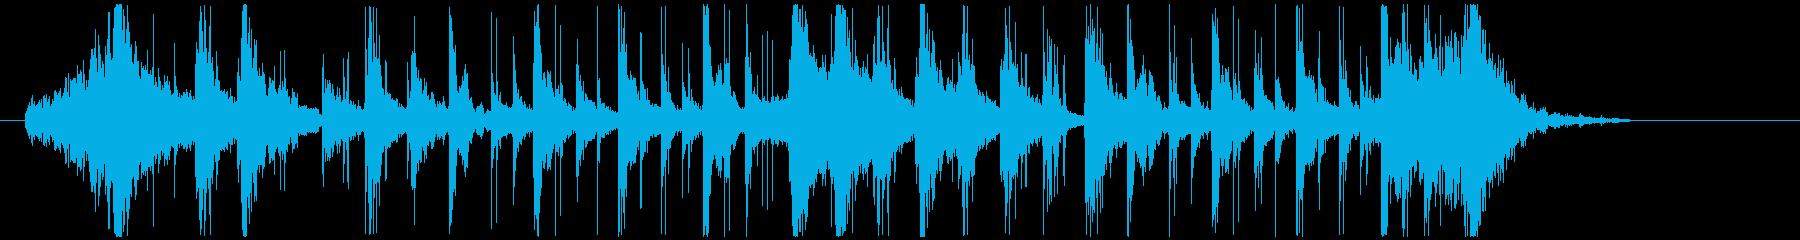 ノリノリなリズム&パーカッションロゴの再生済みの波形